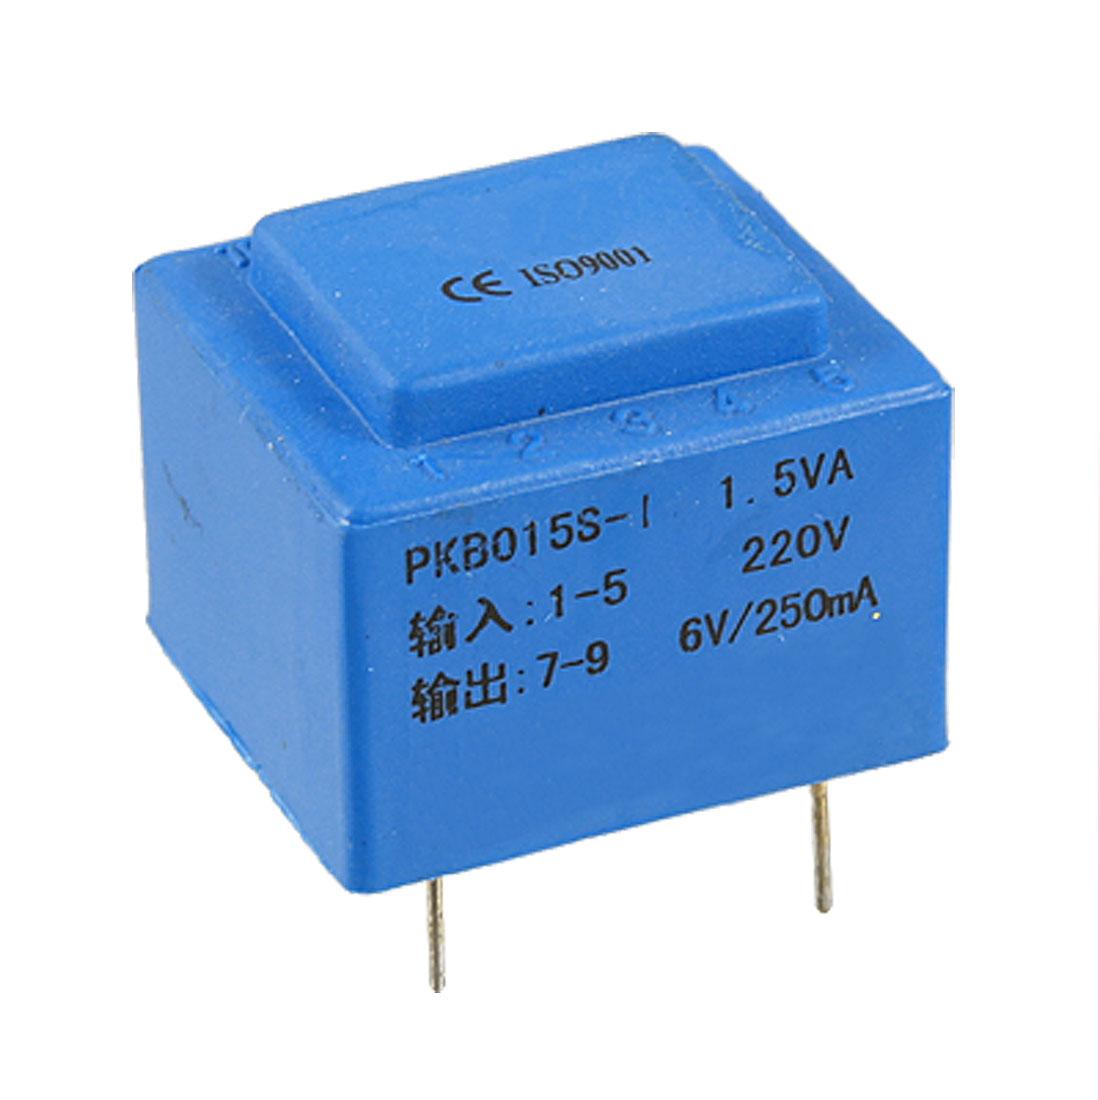 One Secondary 6V Output Encapsulated Power Transformer 1.5VA